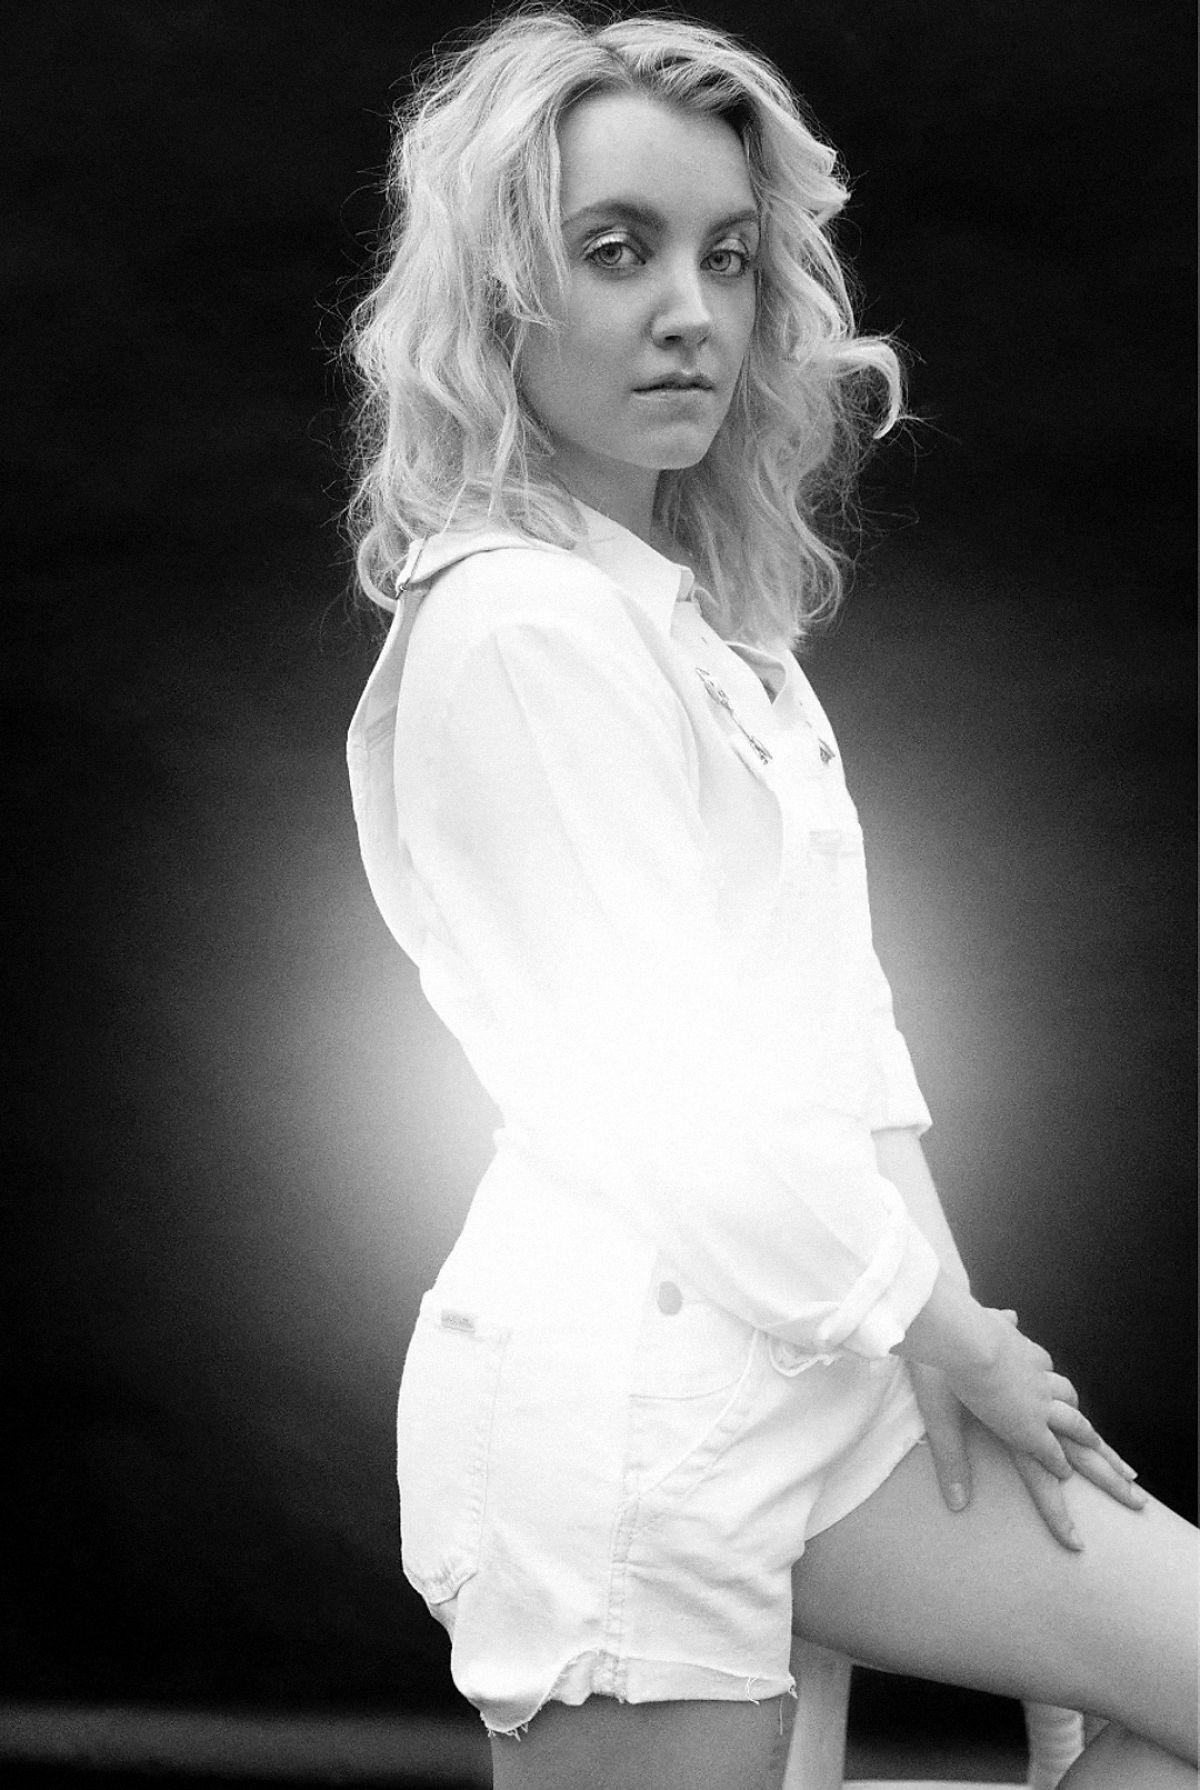 Evanna Lynch Filme